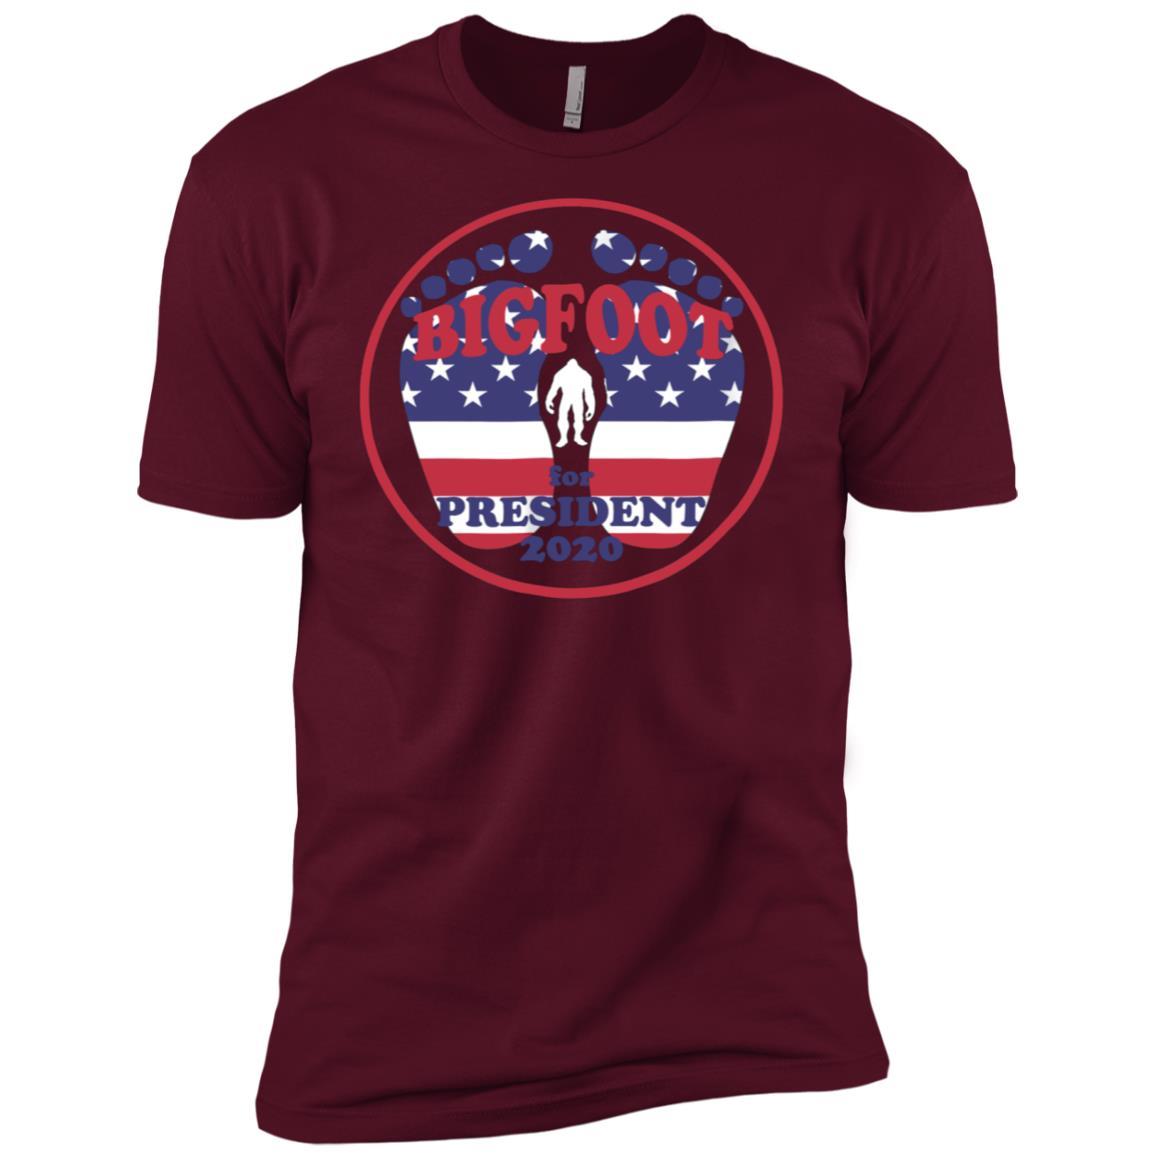 Bigfoot for President 2020 funny new Men Short Sleeve T-Shirt